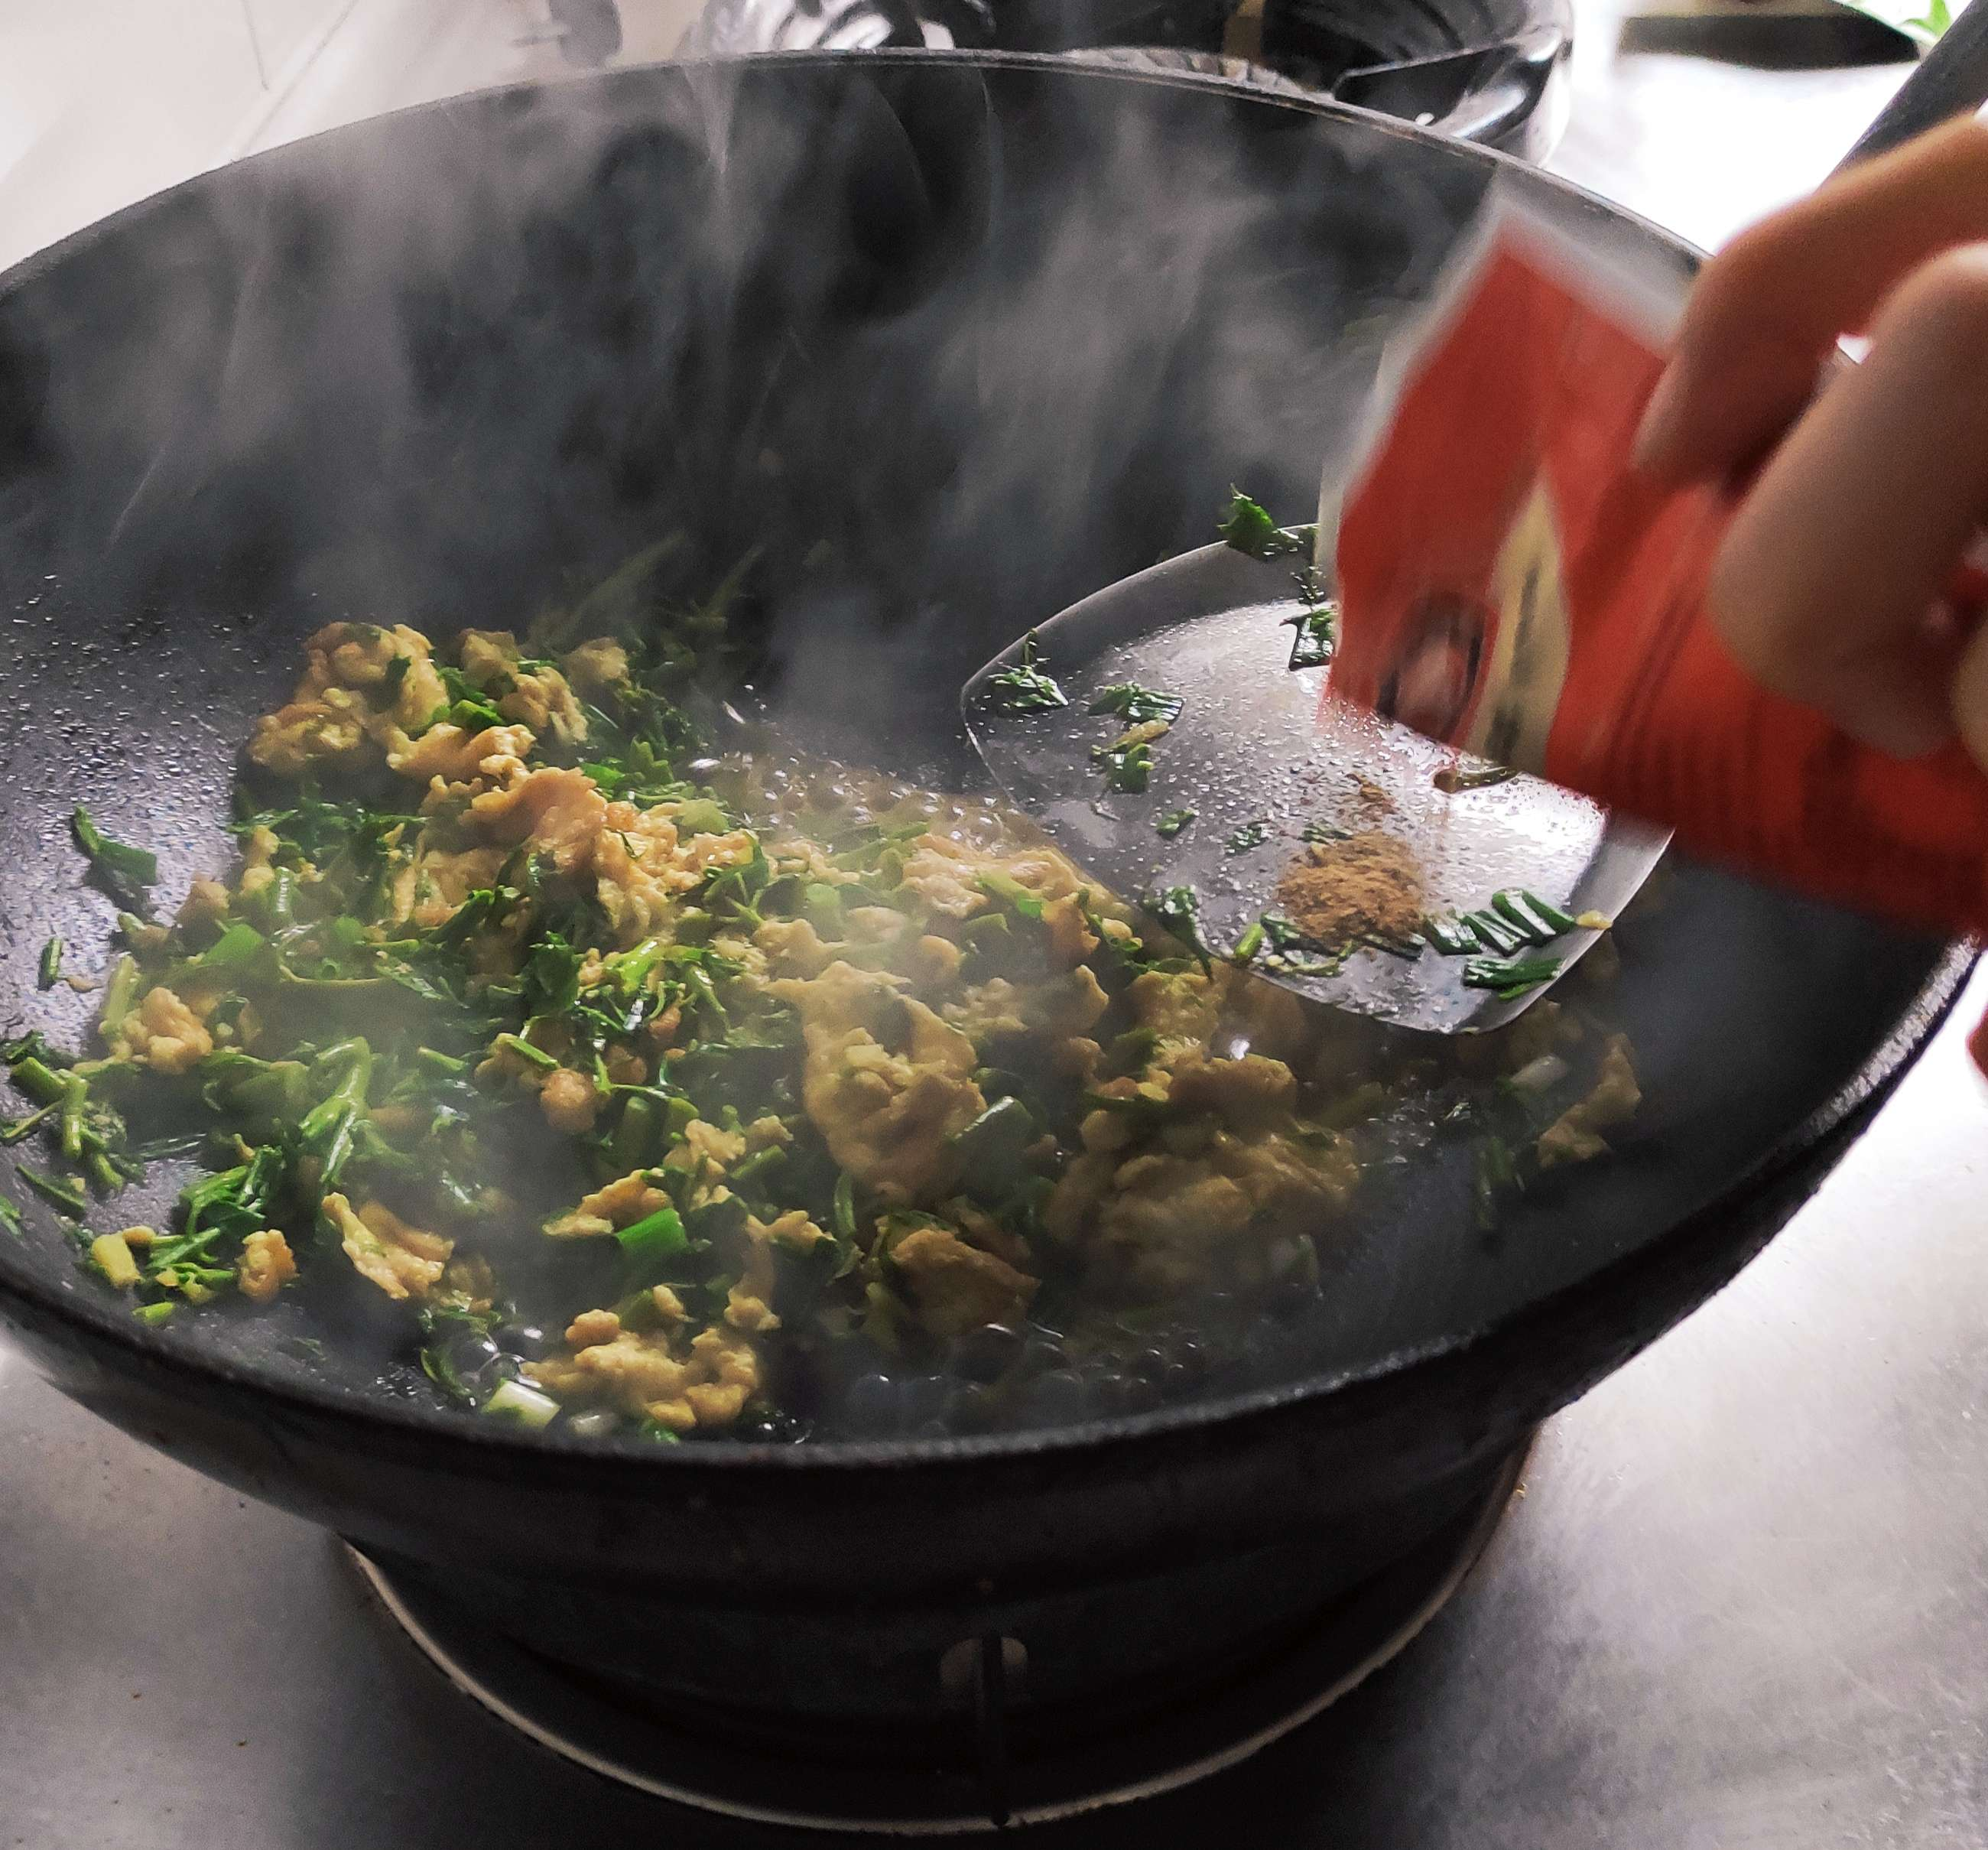 香椿炒鸡蛋,香椿要提前焯水后再炒鸡蛋味道更好怎样做